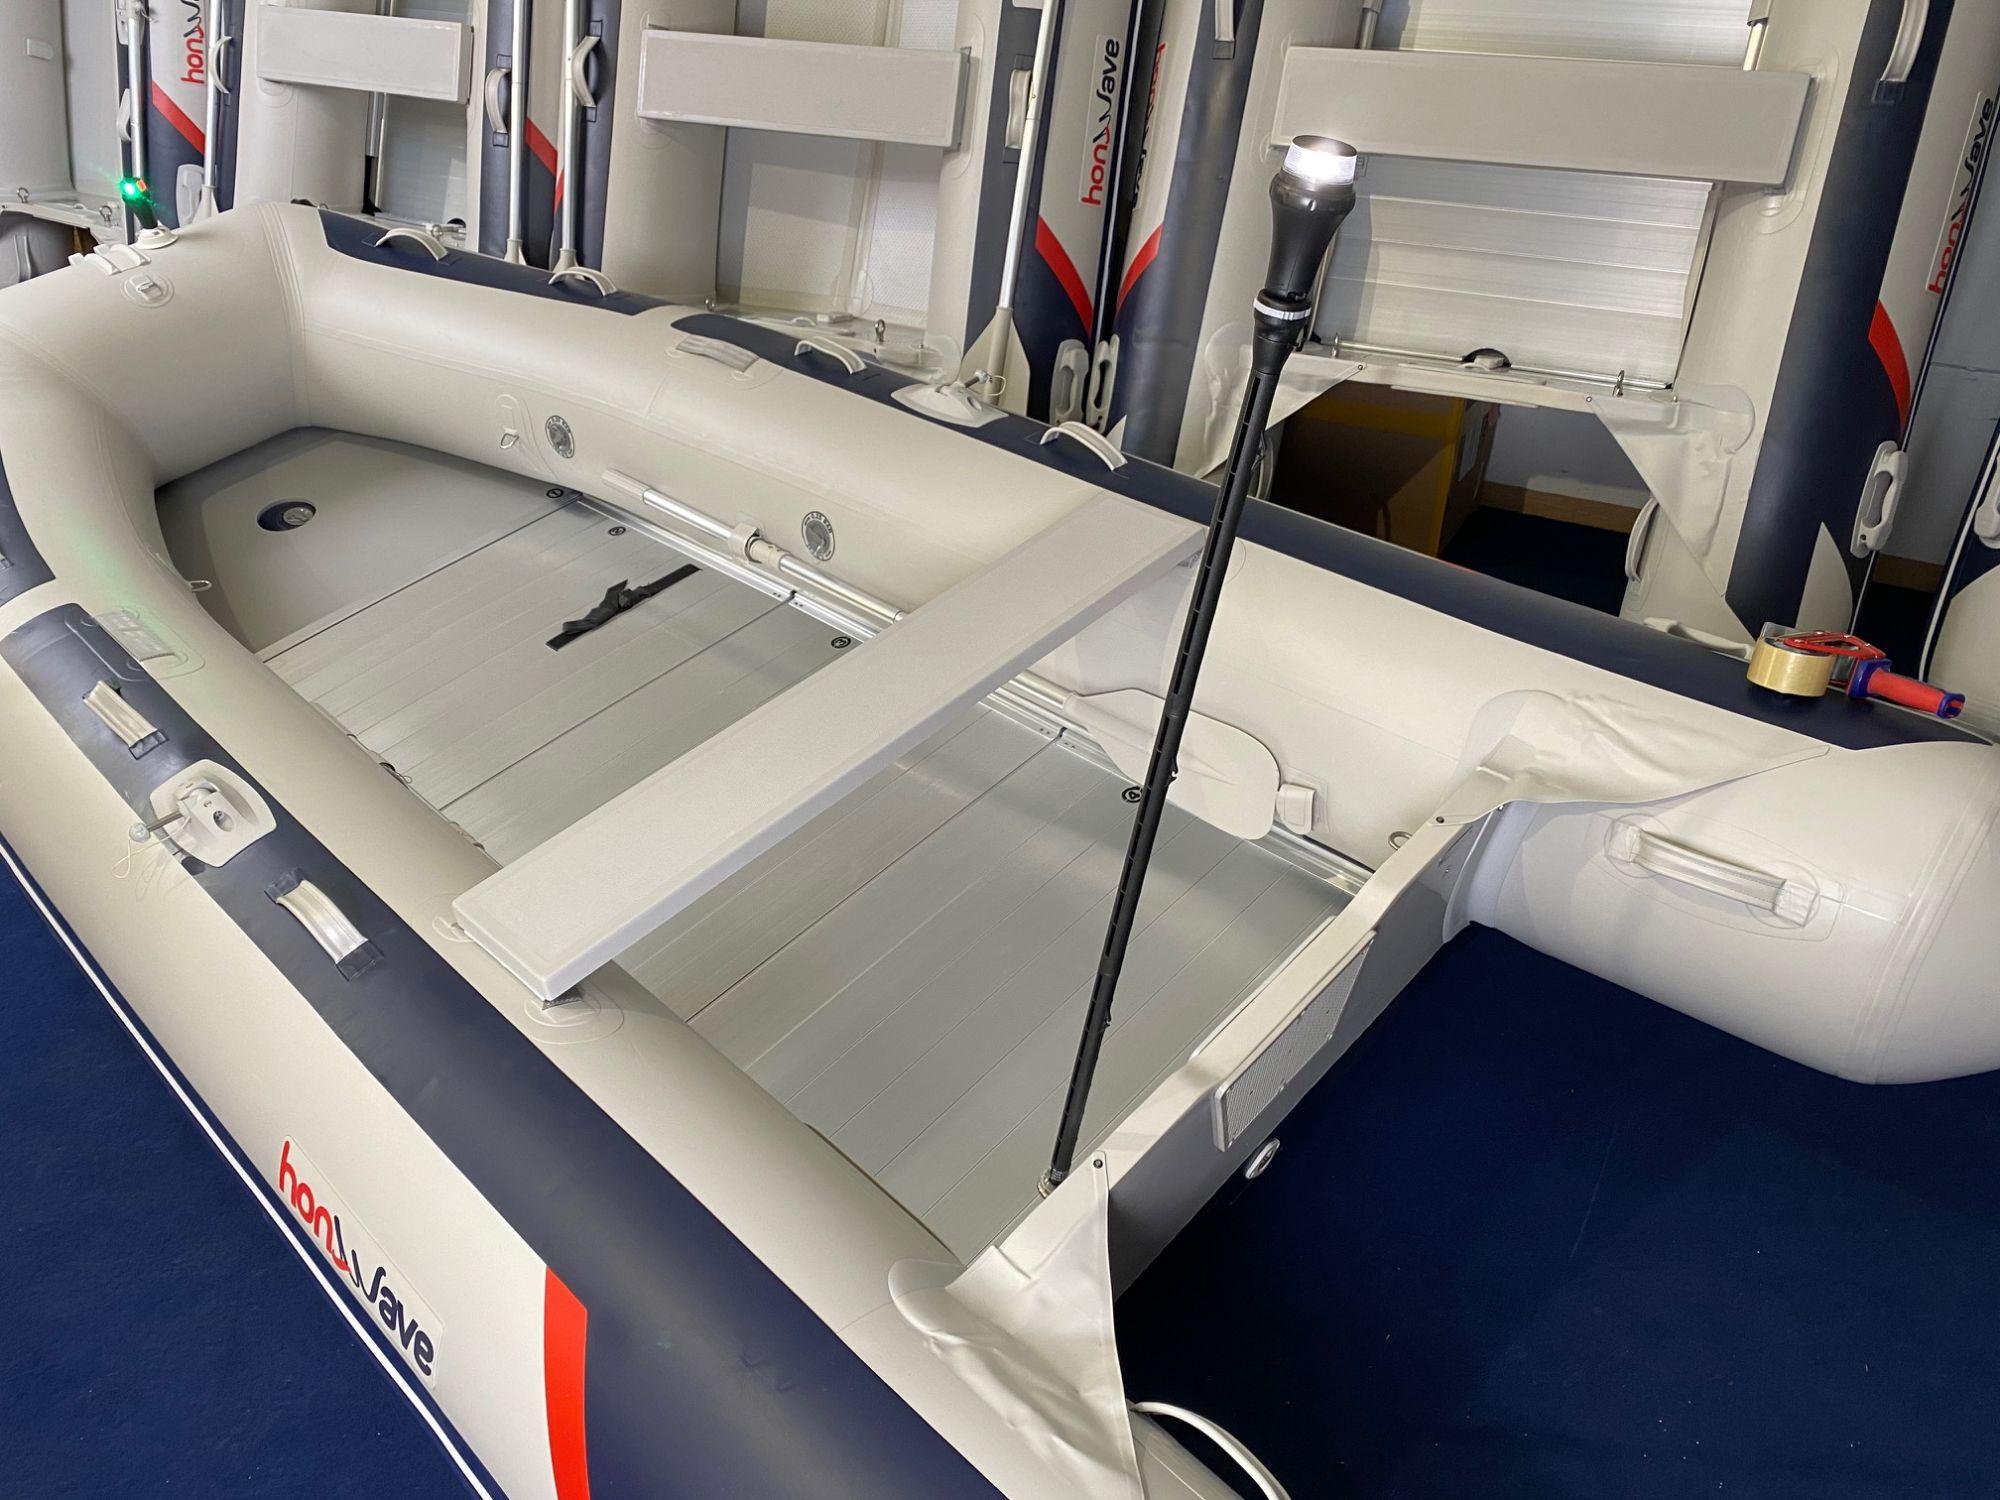 Railblaza LED Beleuchtungspaket Schlauchboot(Rundum+Stb/Bb Laterne)